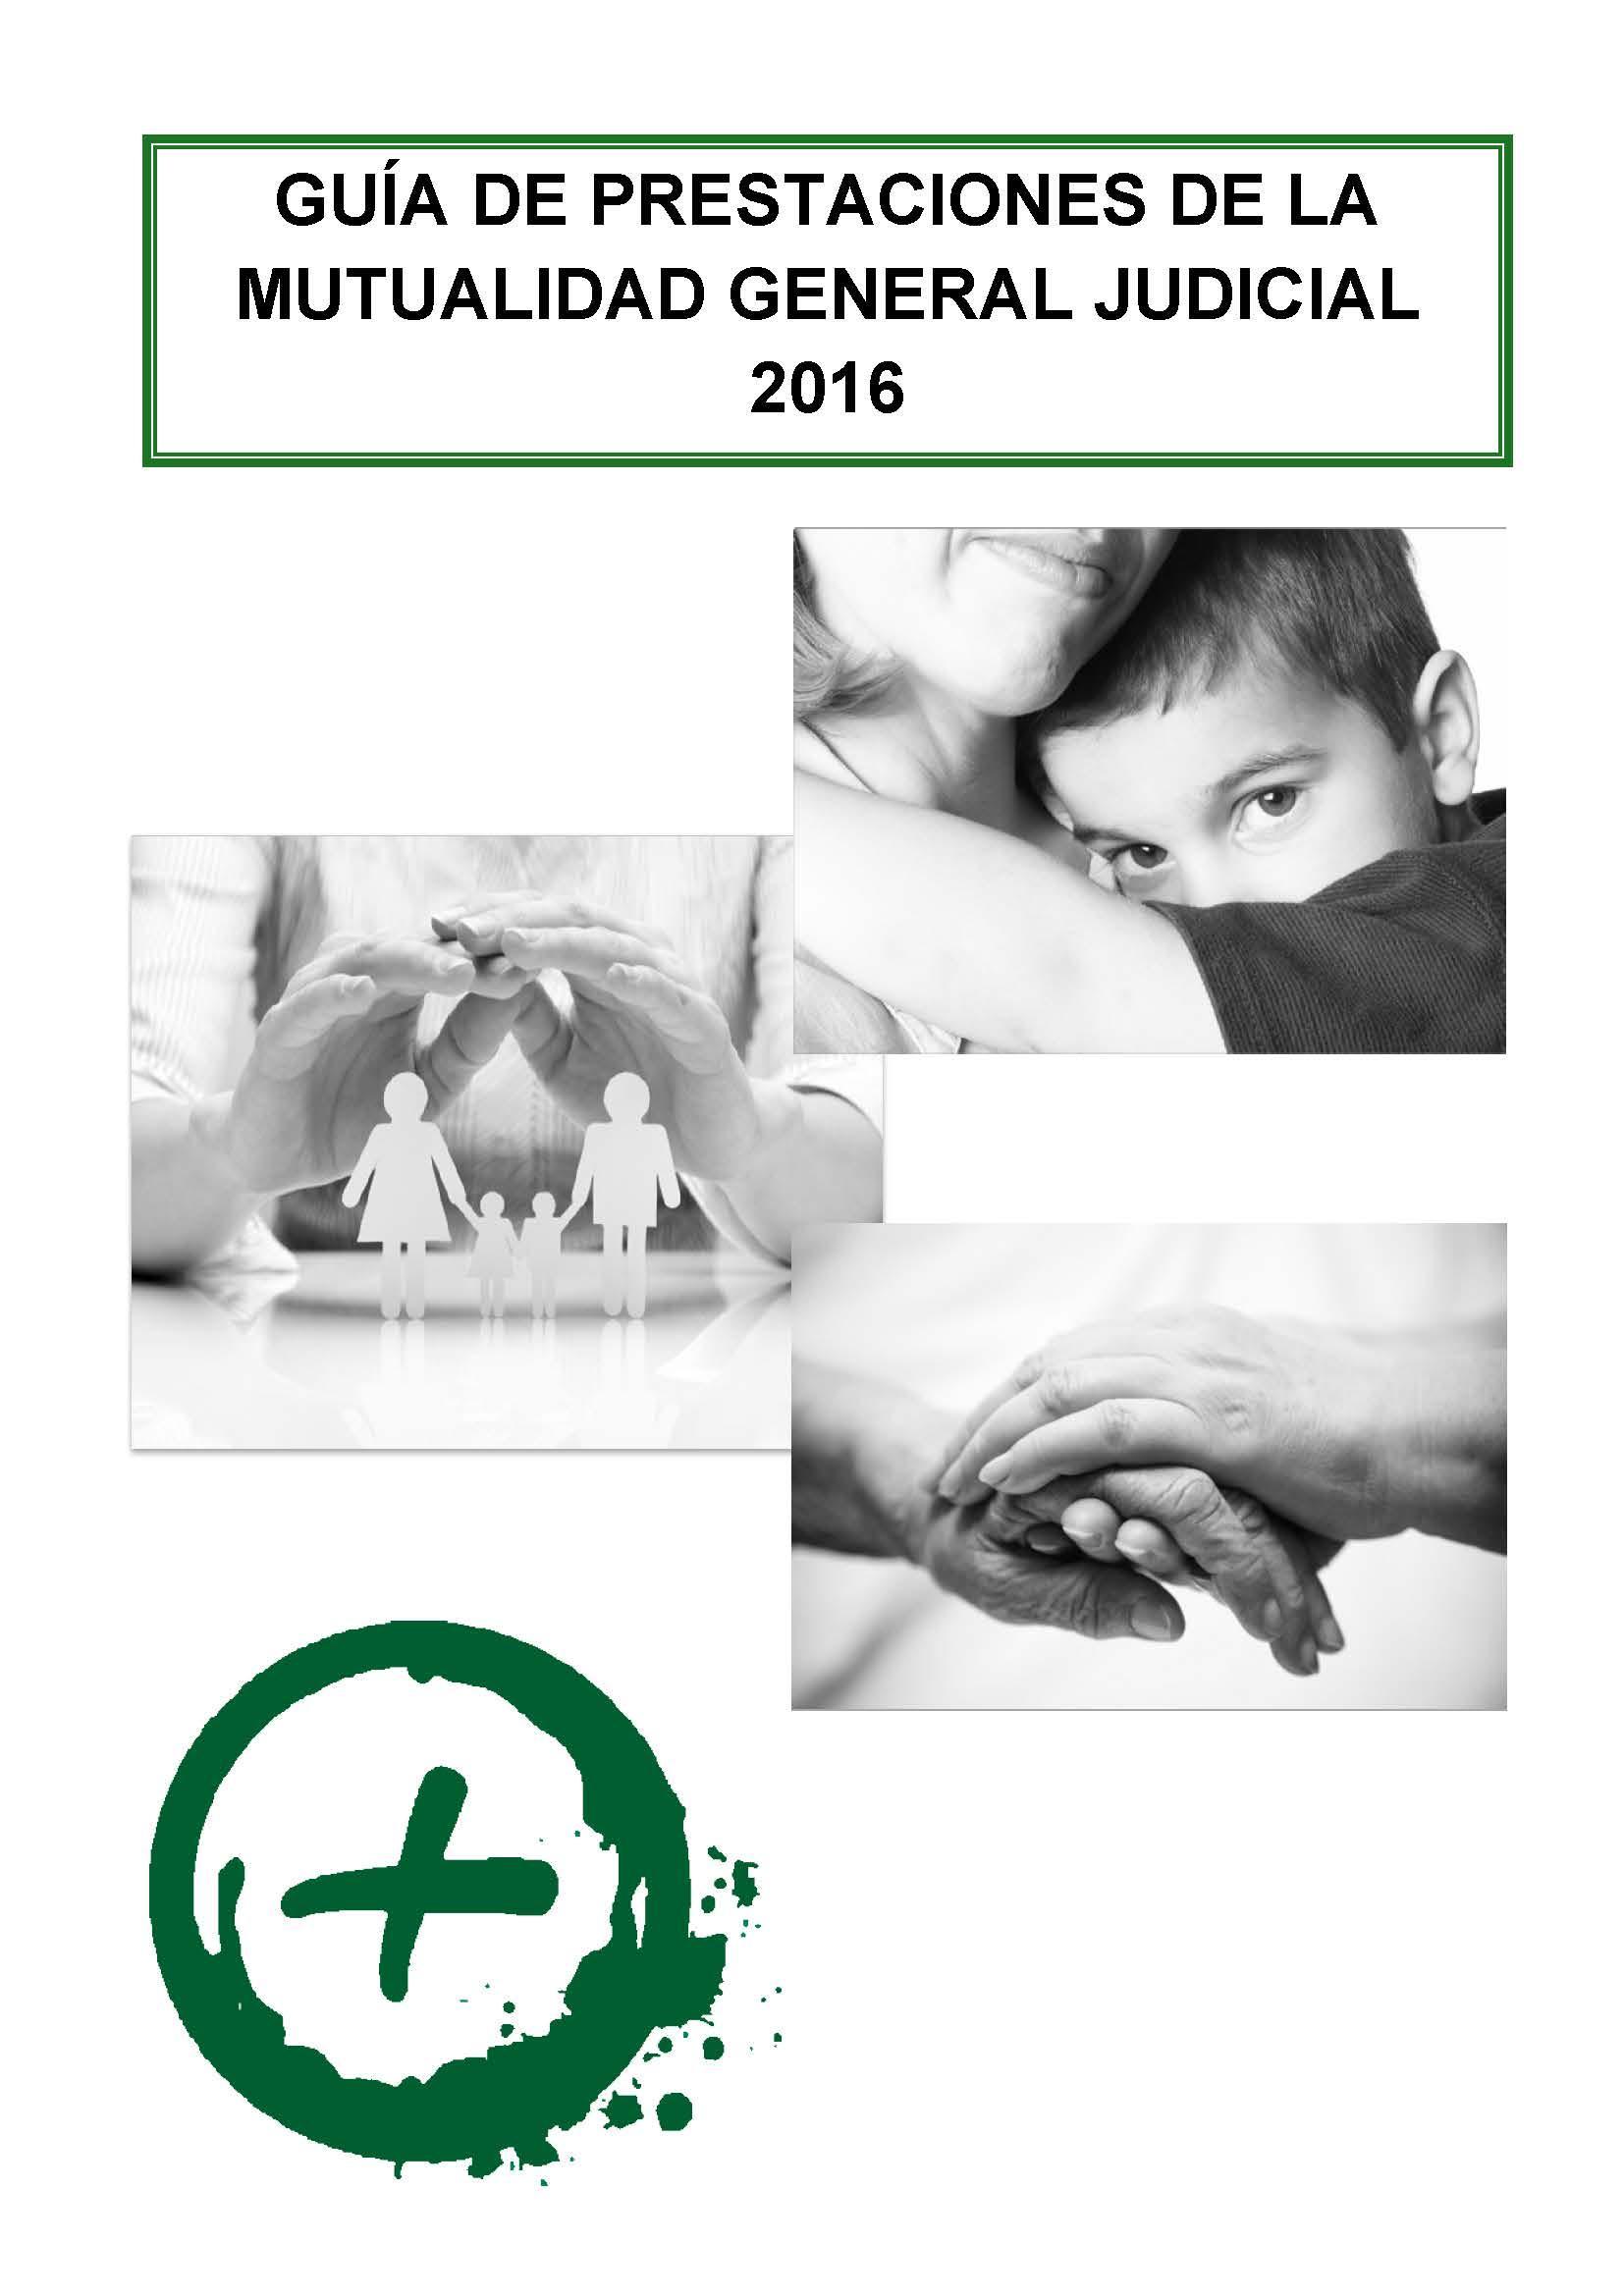 Guía de Prestaciones MUGEJU 2016